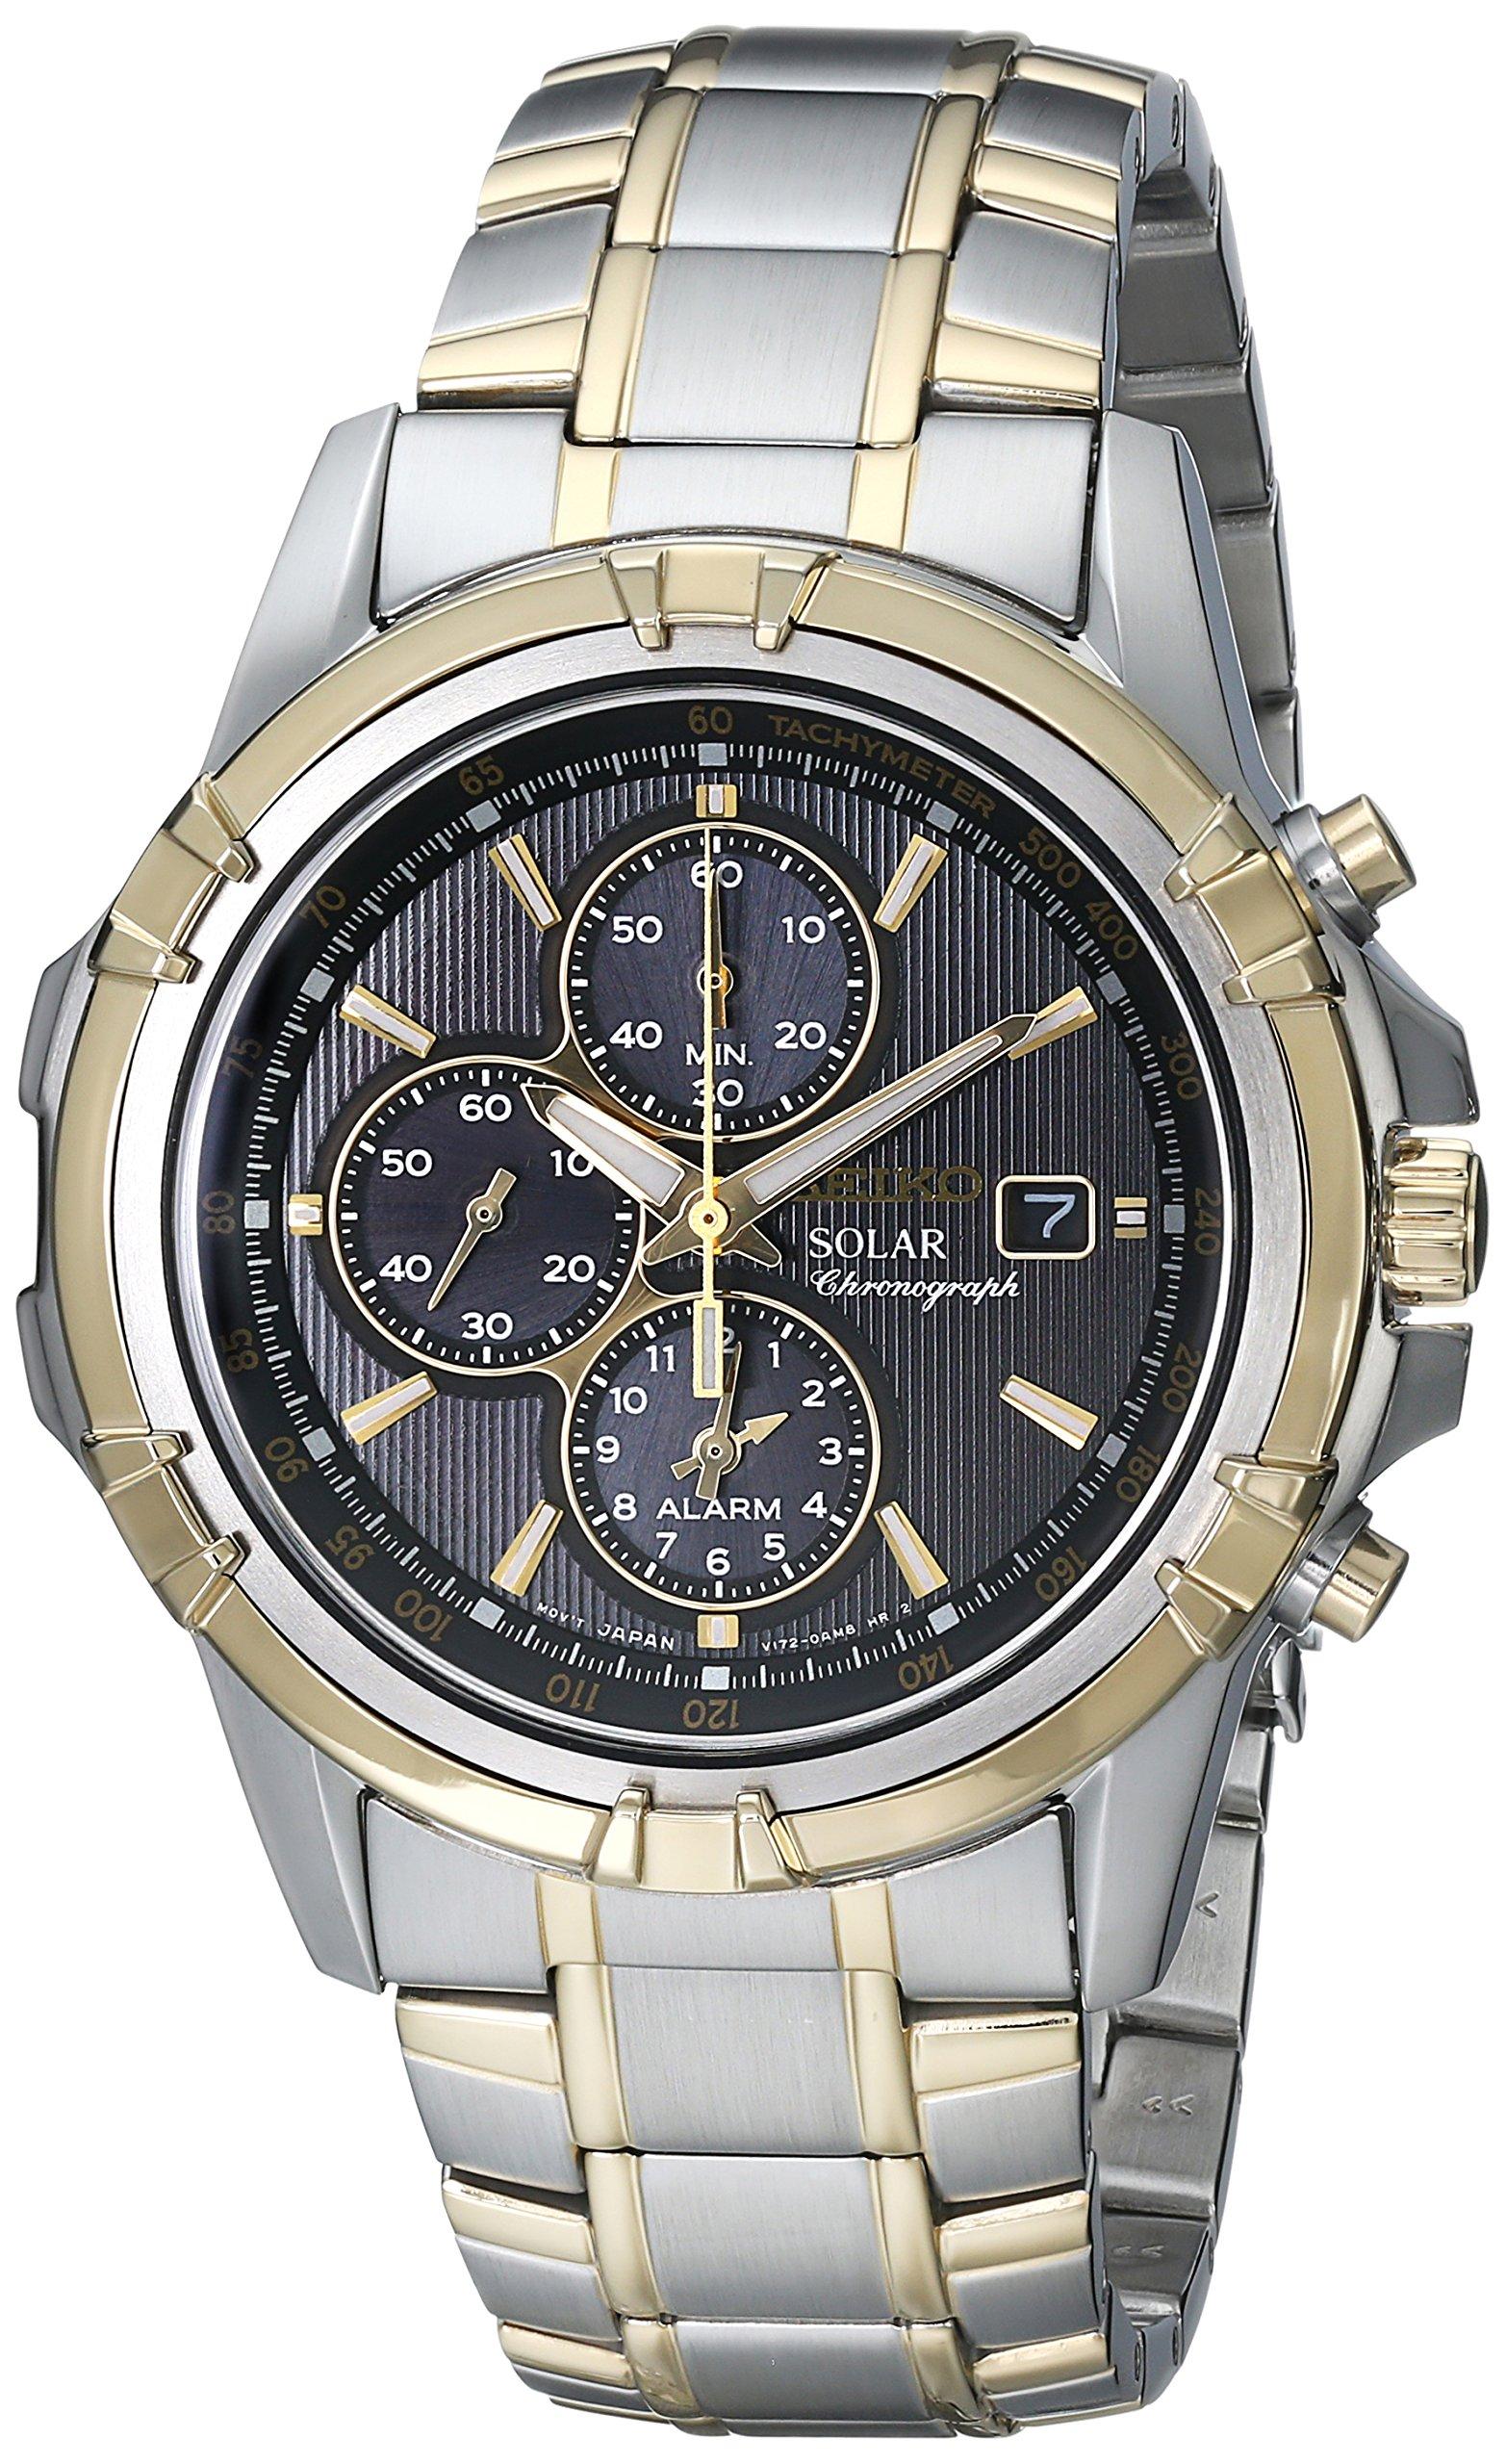 Seiko Men's SSC142 Stainless Steel Solar Dress Watch